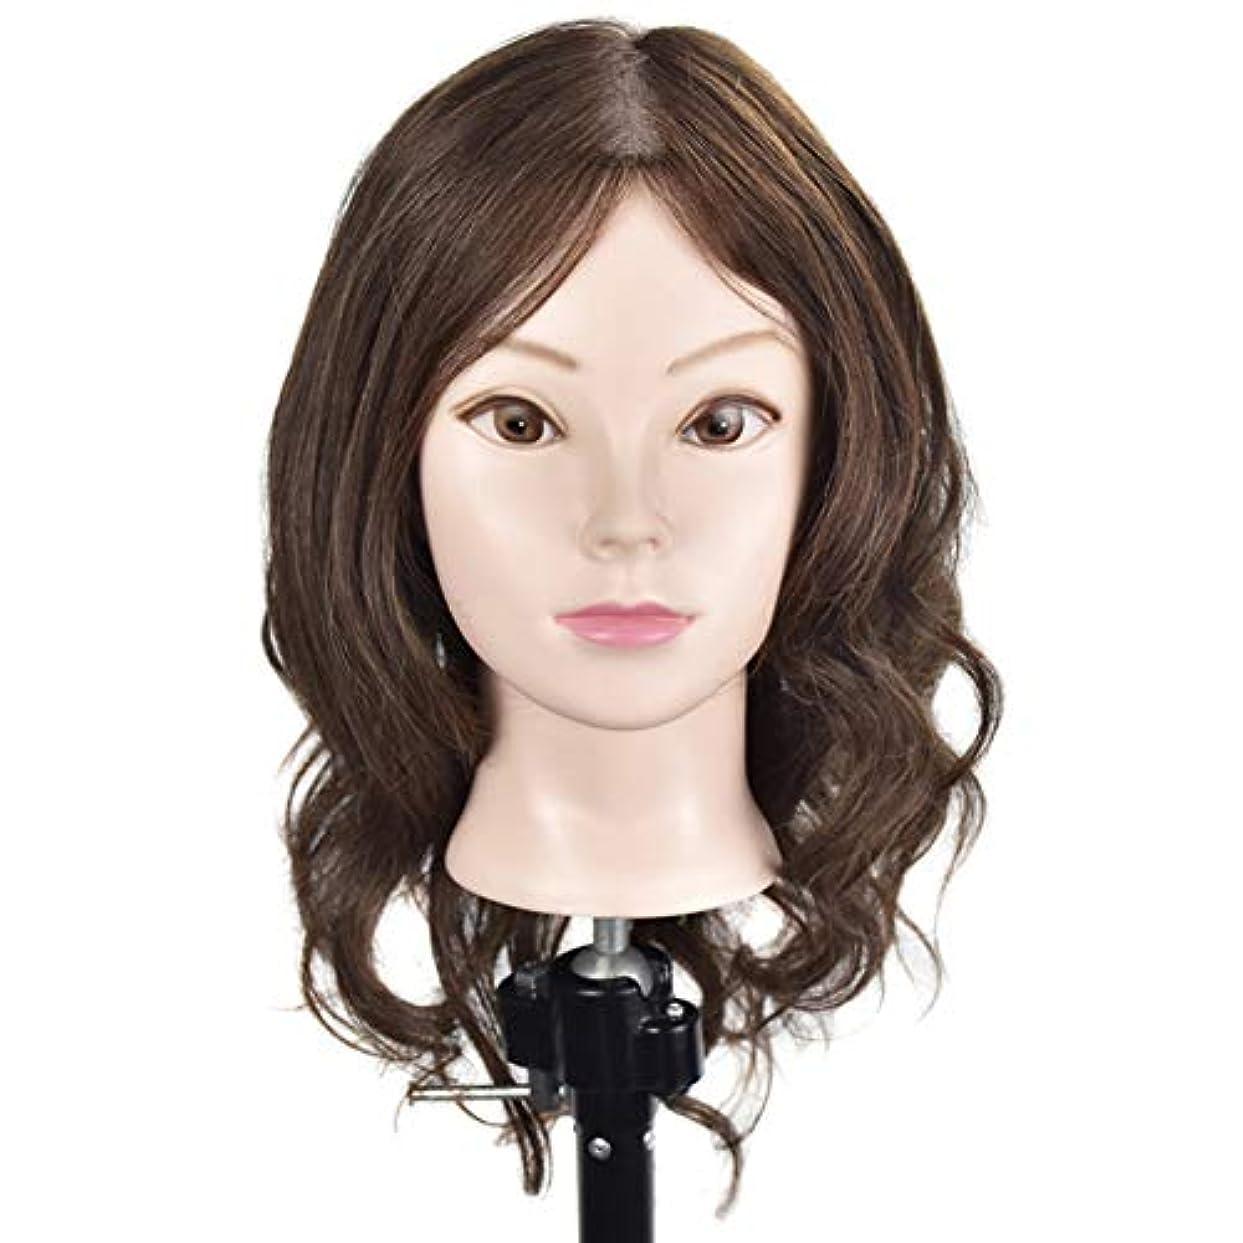 日焼けアンテナ青専門の練習ホット染色漂白はさみモデリングマネキン髪編組髪かつら女性モデルティーチングヘッド